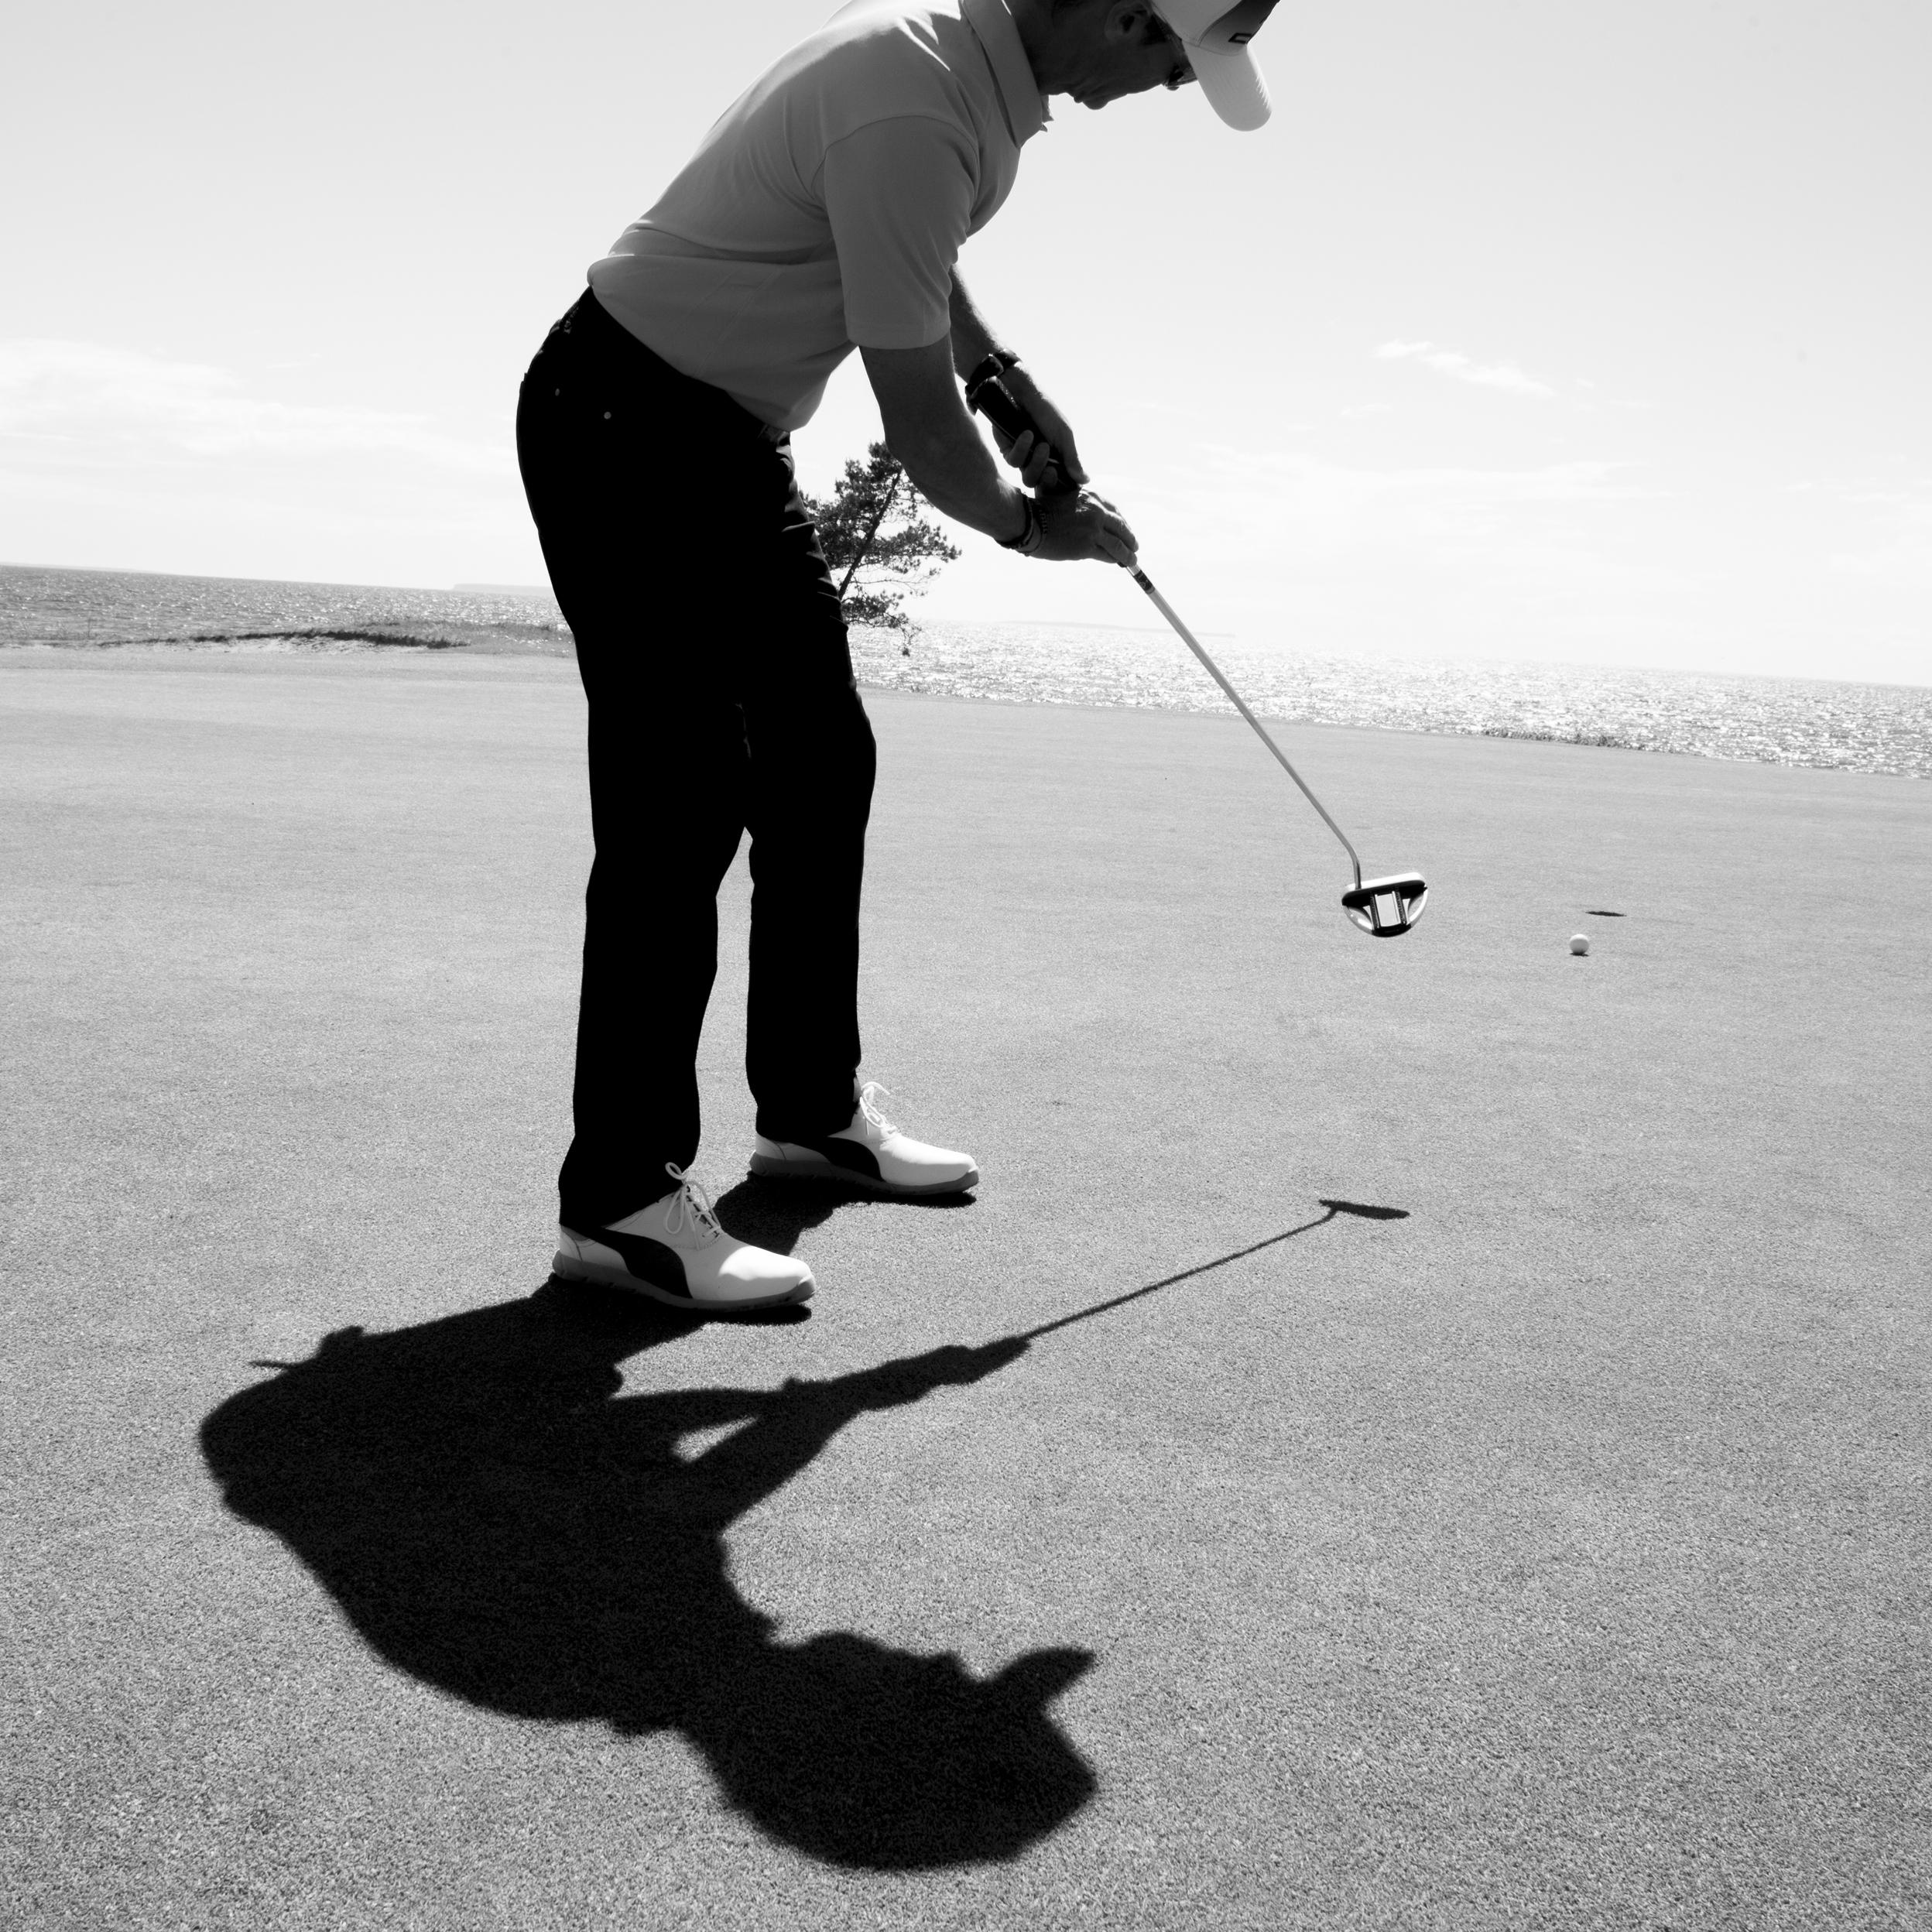 Närspelskurs - Alla kan inte lära sig att slå en drive 300 meter, men varje golfspelare kan träna sig till ett vassare närspel. Här finns många slag att tjäna! Lär dig hantera wedgarna och spelet kring greenerna så kan även ett missat inspel sluta med par eller birdie och ett stort leende.KursfaktaHeldagskurs som ger en riktigt bra grund att stå på. Du får även en bank med övningar för din fortsatta närspelsträning.Kursavgift: 1295 kr. Träning, lunch och fika ingår.Kurstillfälle 2019: För anmälan och frågor vänligen kontakta:Martin Bendelin Munkhammar.martin@visbygk.com0498-200939